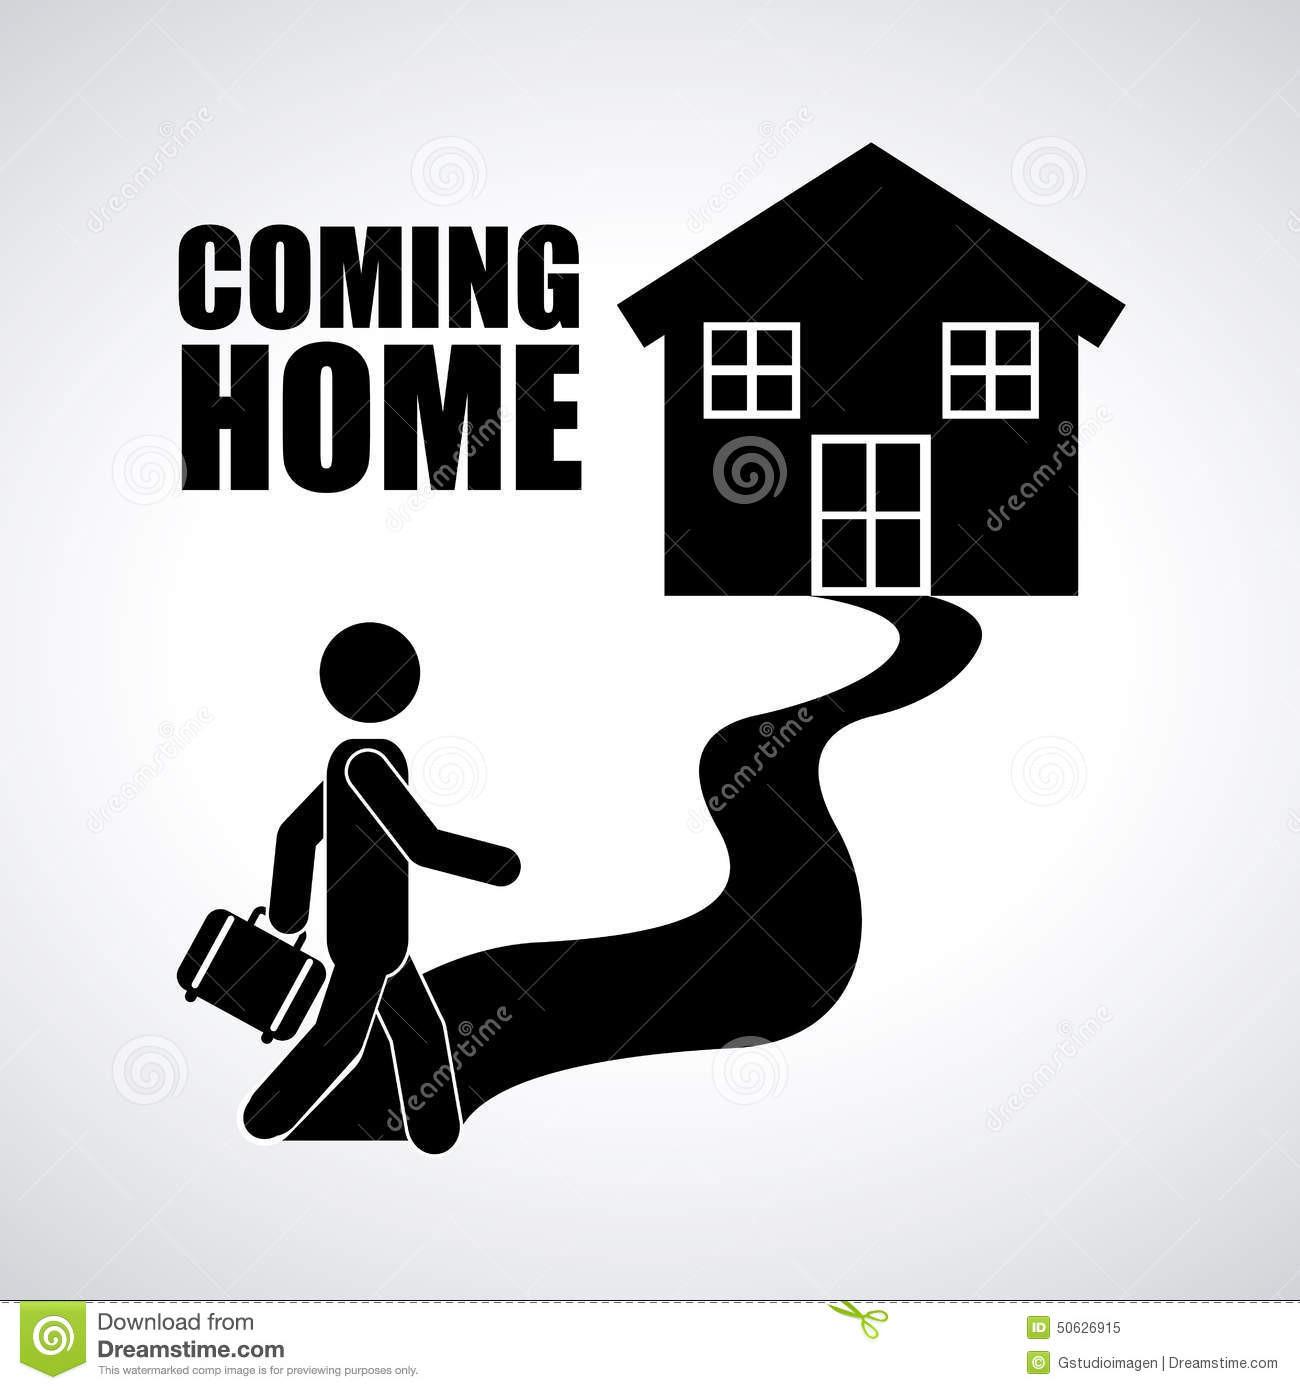 Nach Hause Kommen  Nach Hause kommen vektor abbildung Illustration von